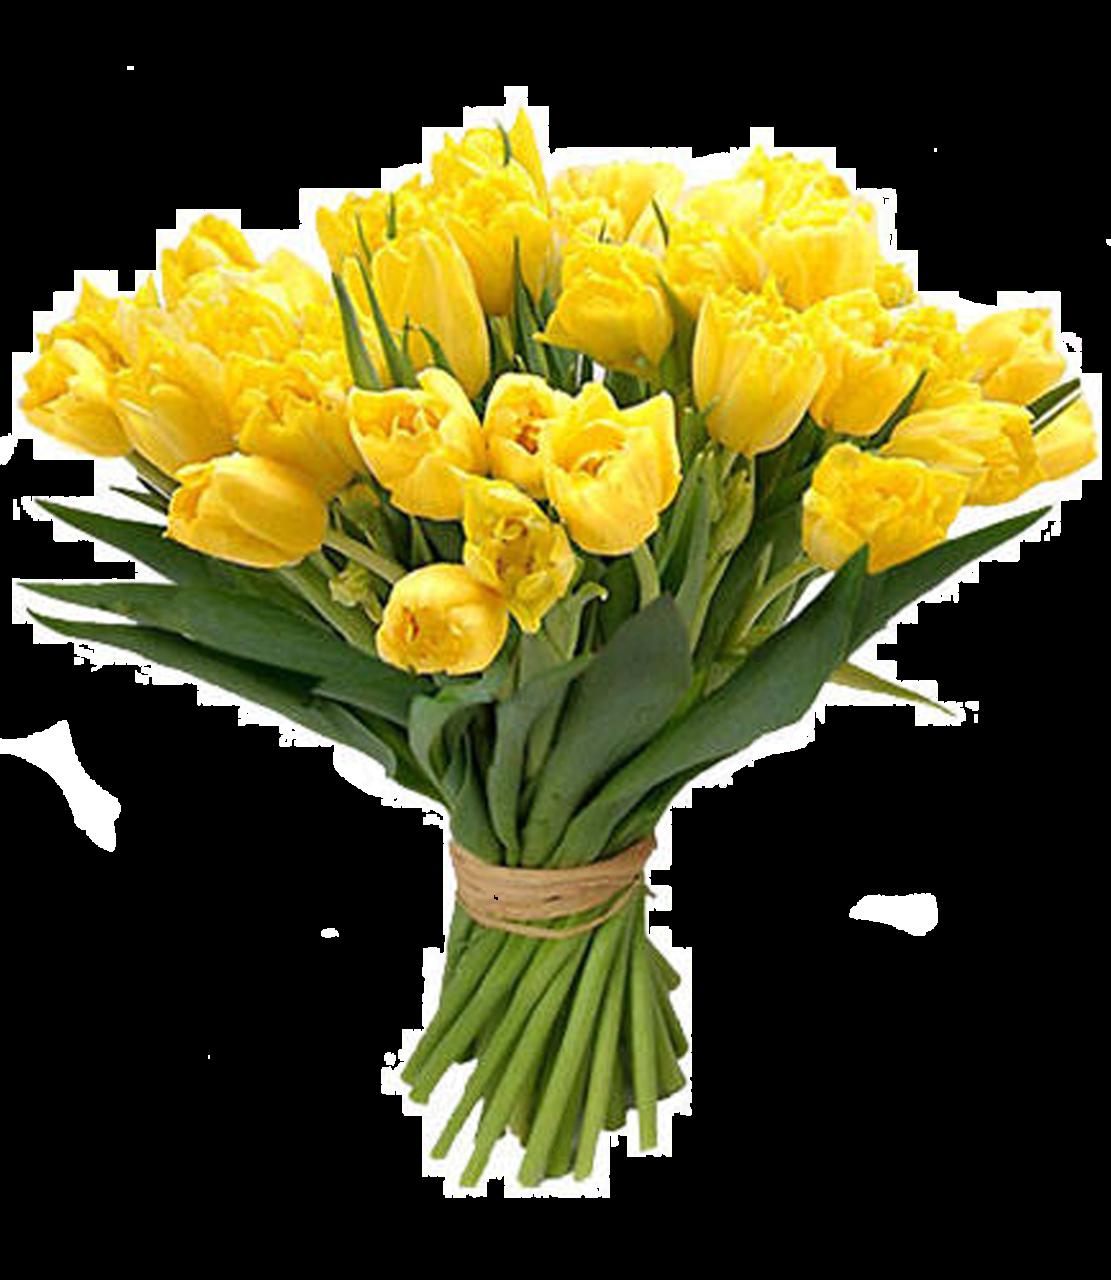 Flower Bouquet PNG Transparent Images.